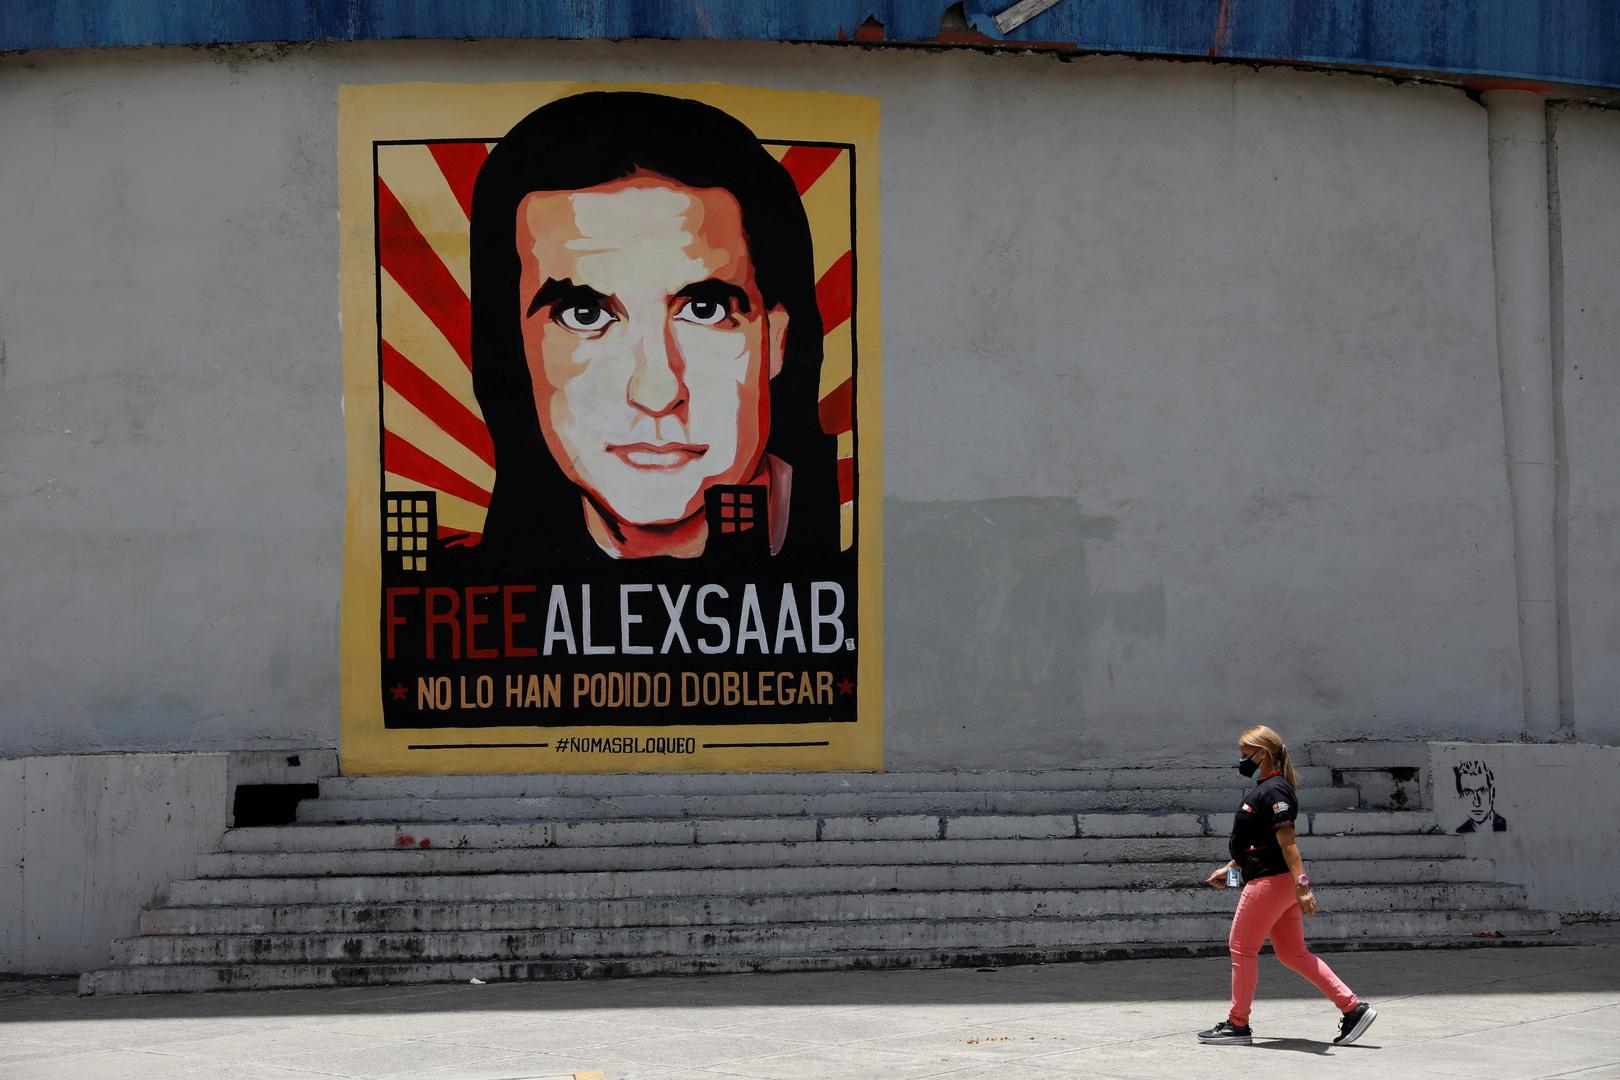 الحكومة الفنزويلية تعلق الحوار مع المعارضة بعد تسليم أليكس صعب لواشنطن